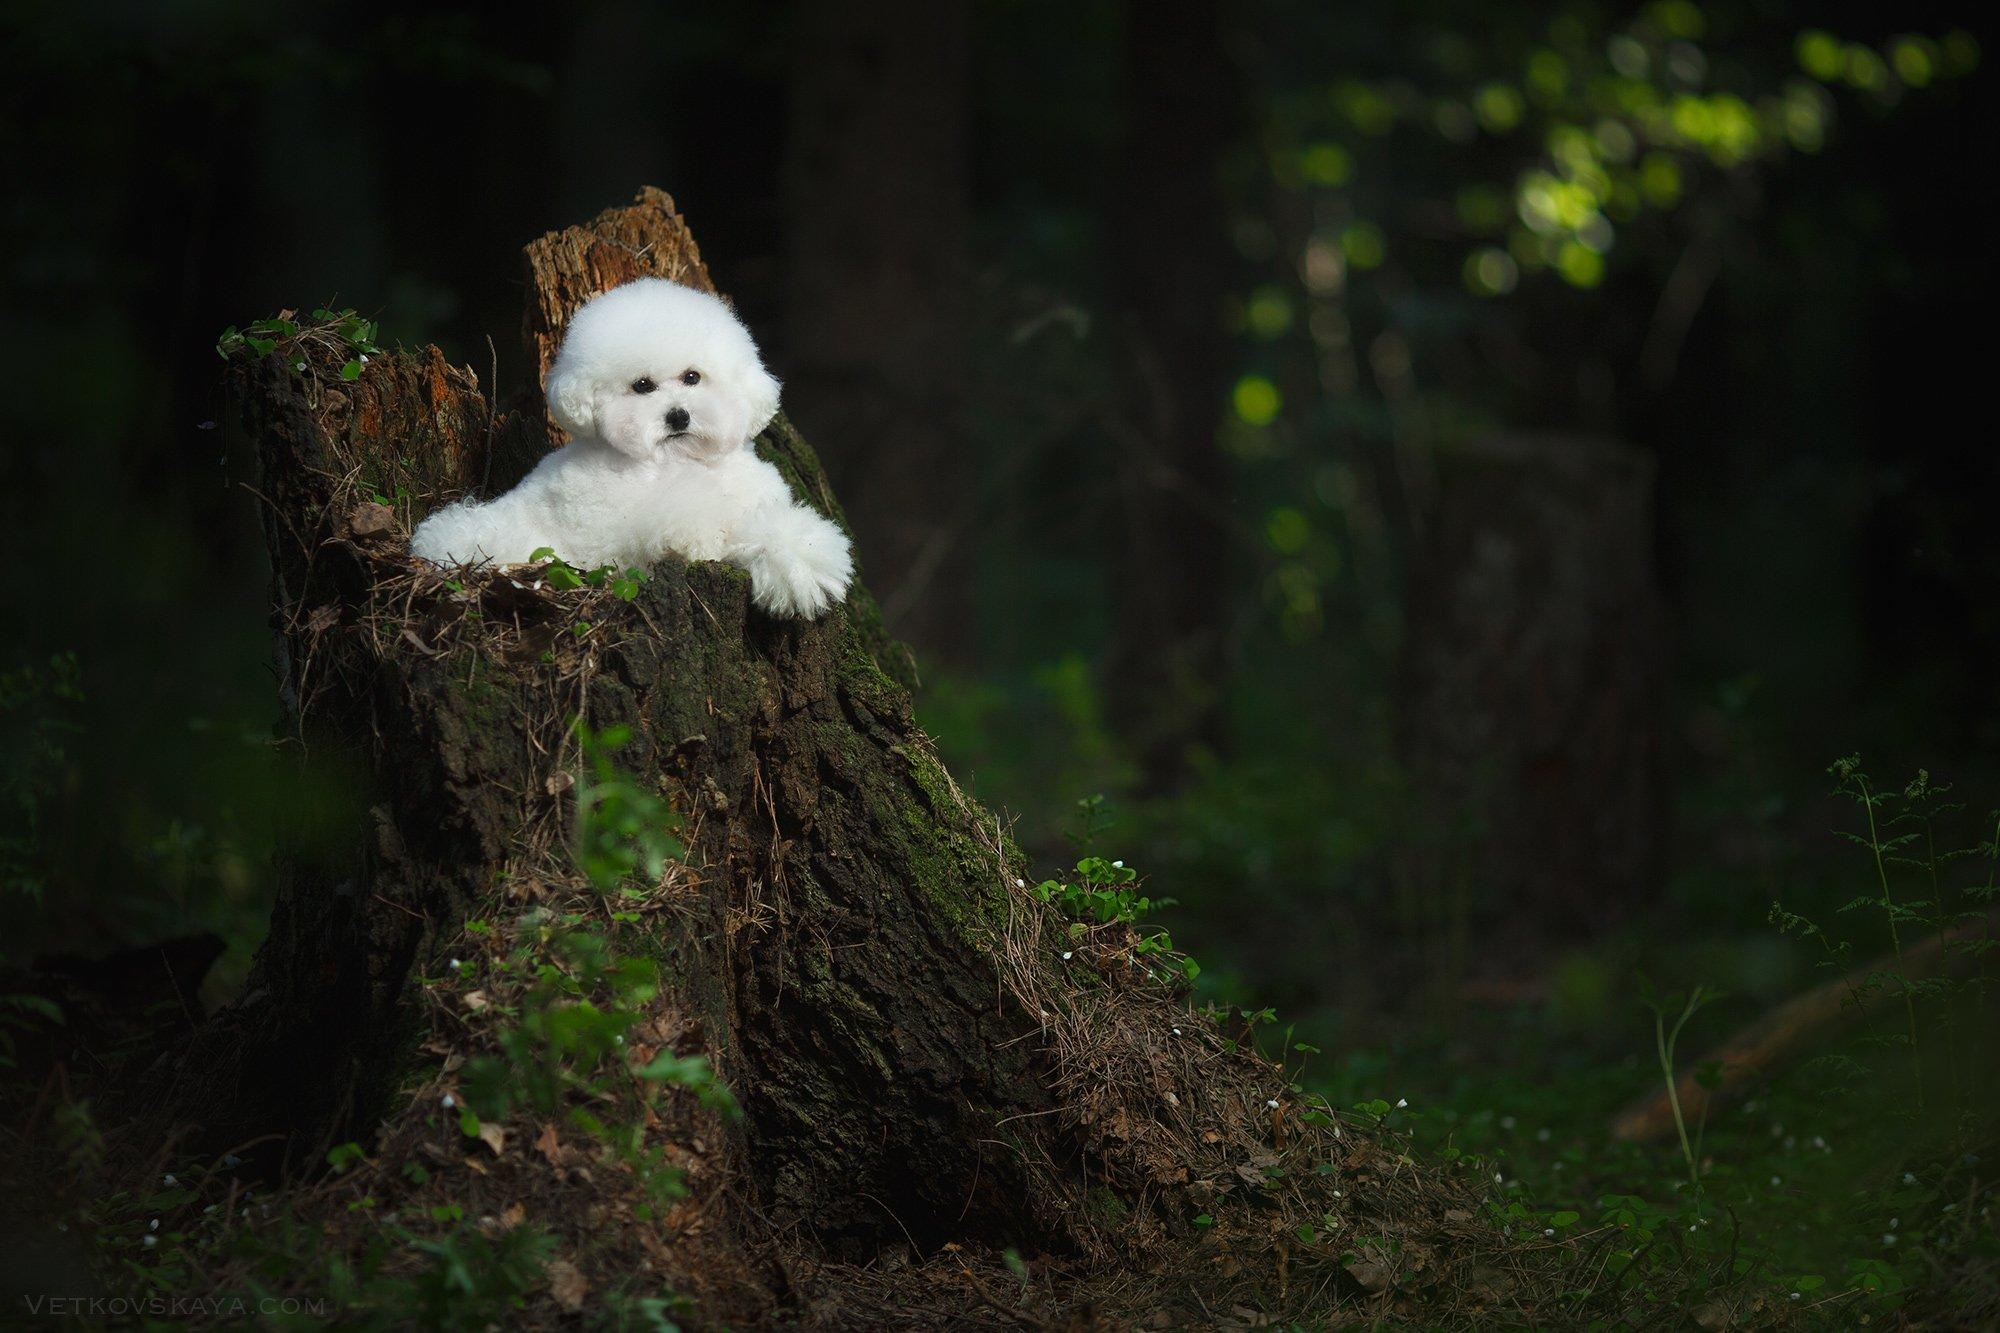 собака, лес, пудель, мох, бишон, Анастасия Ветковская